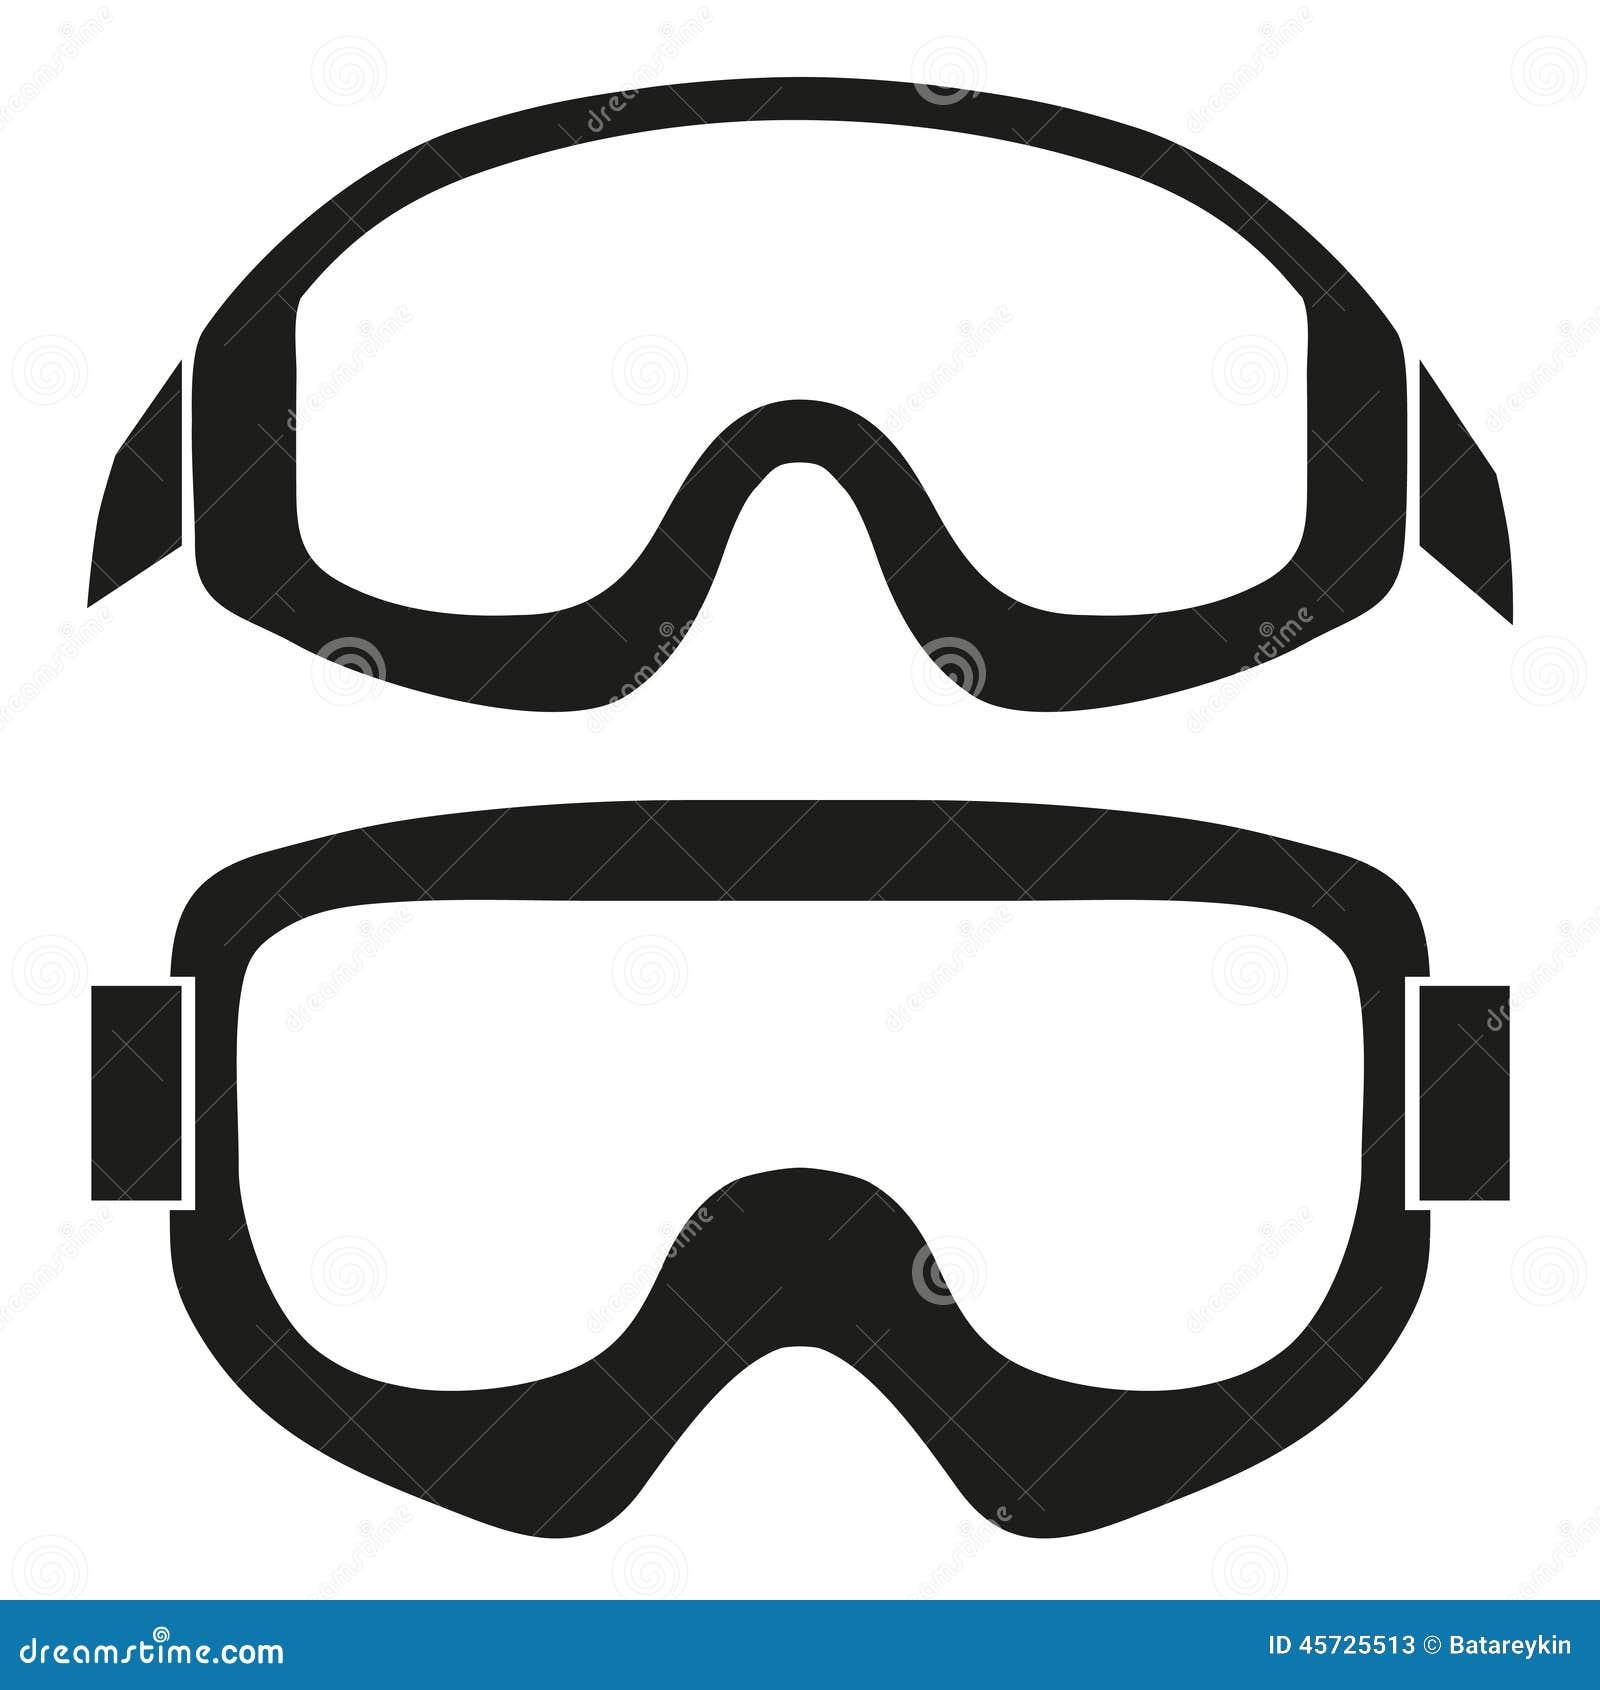 Σύμβολο σκιαγραφιών των κλασικών προστατευτικών διόπτρων σκι σνόουμπορντ